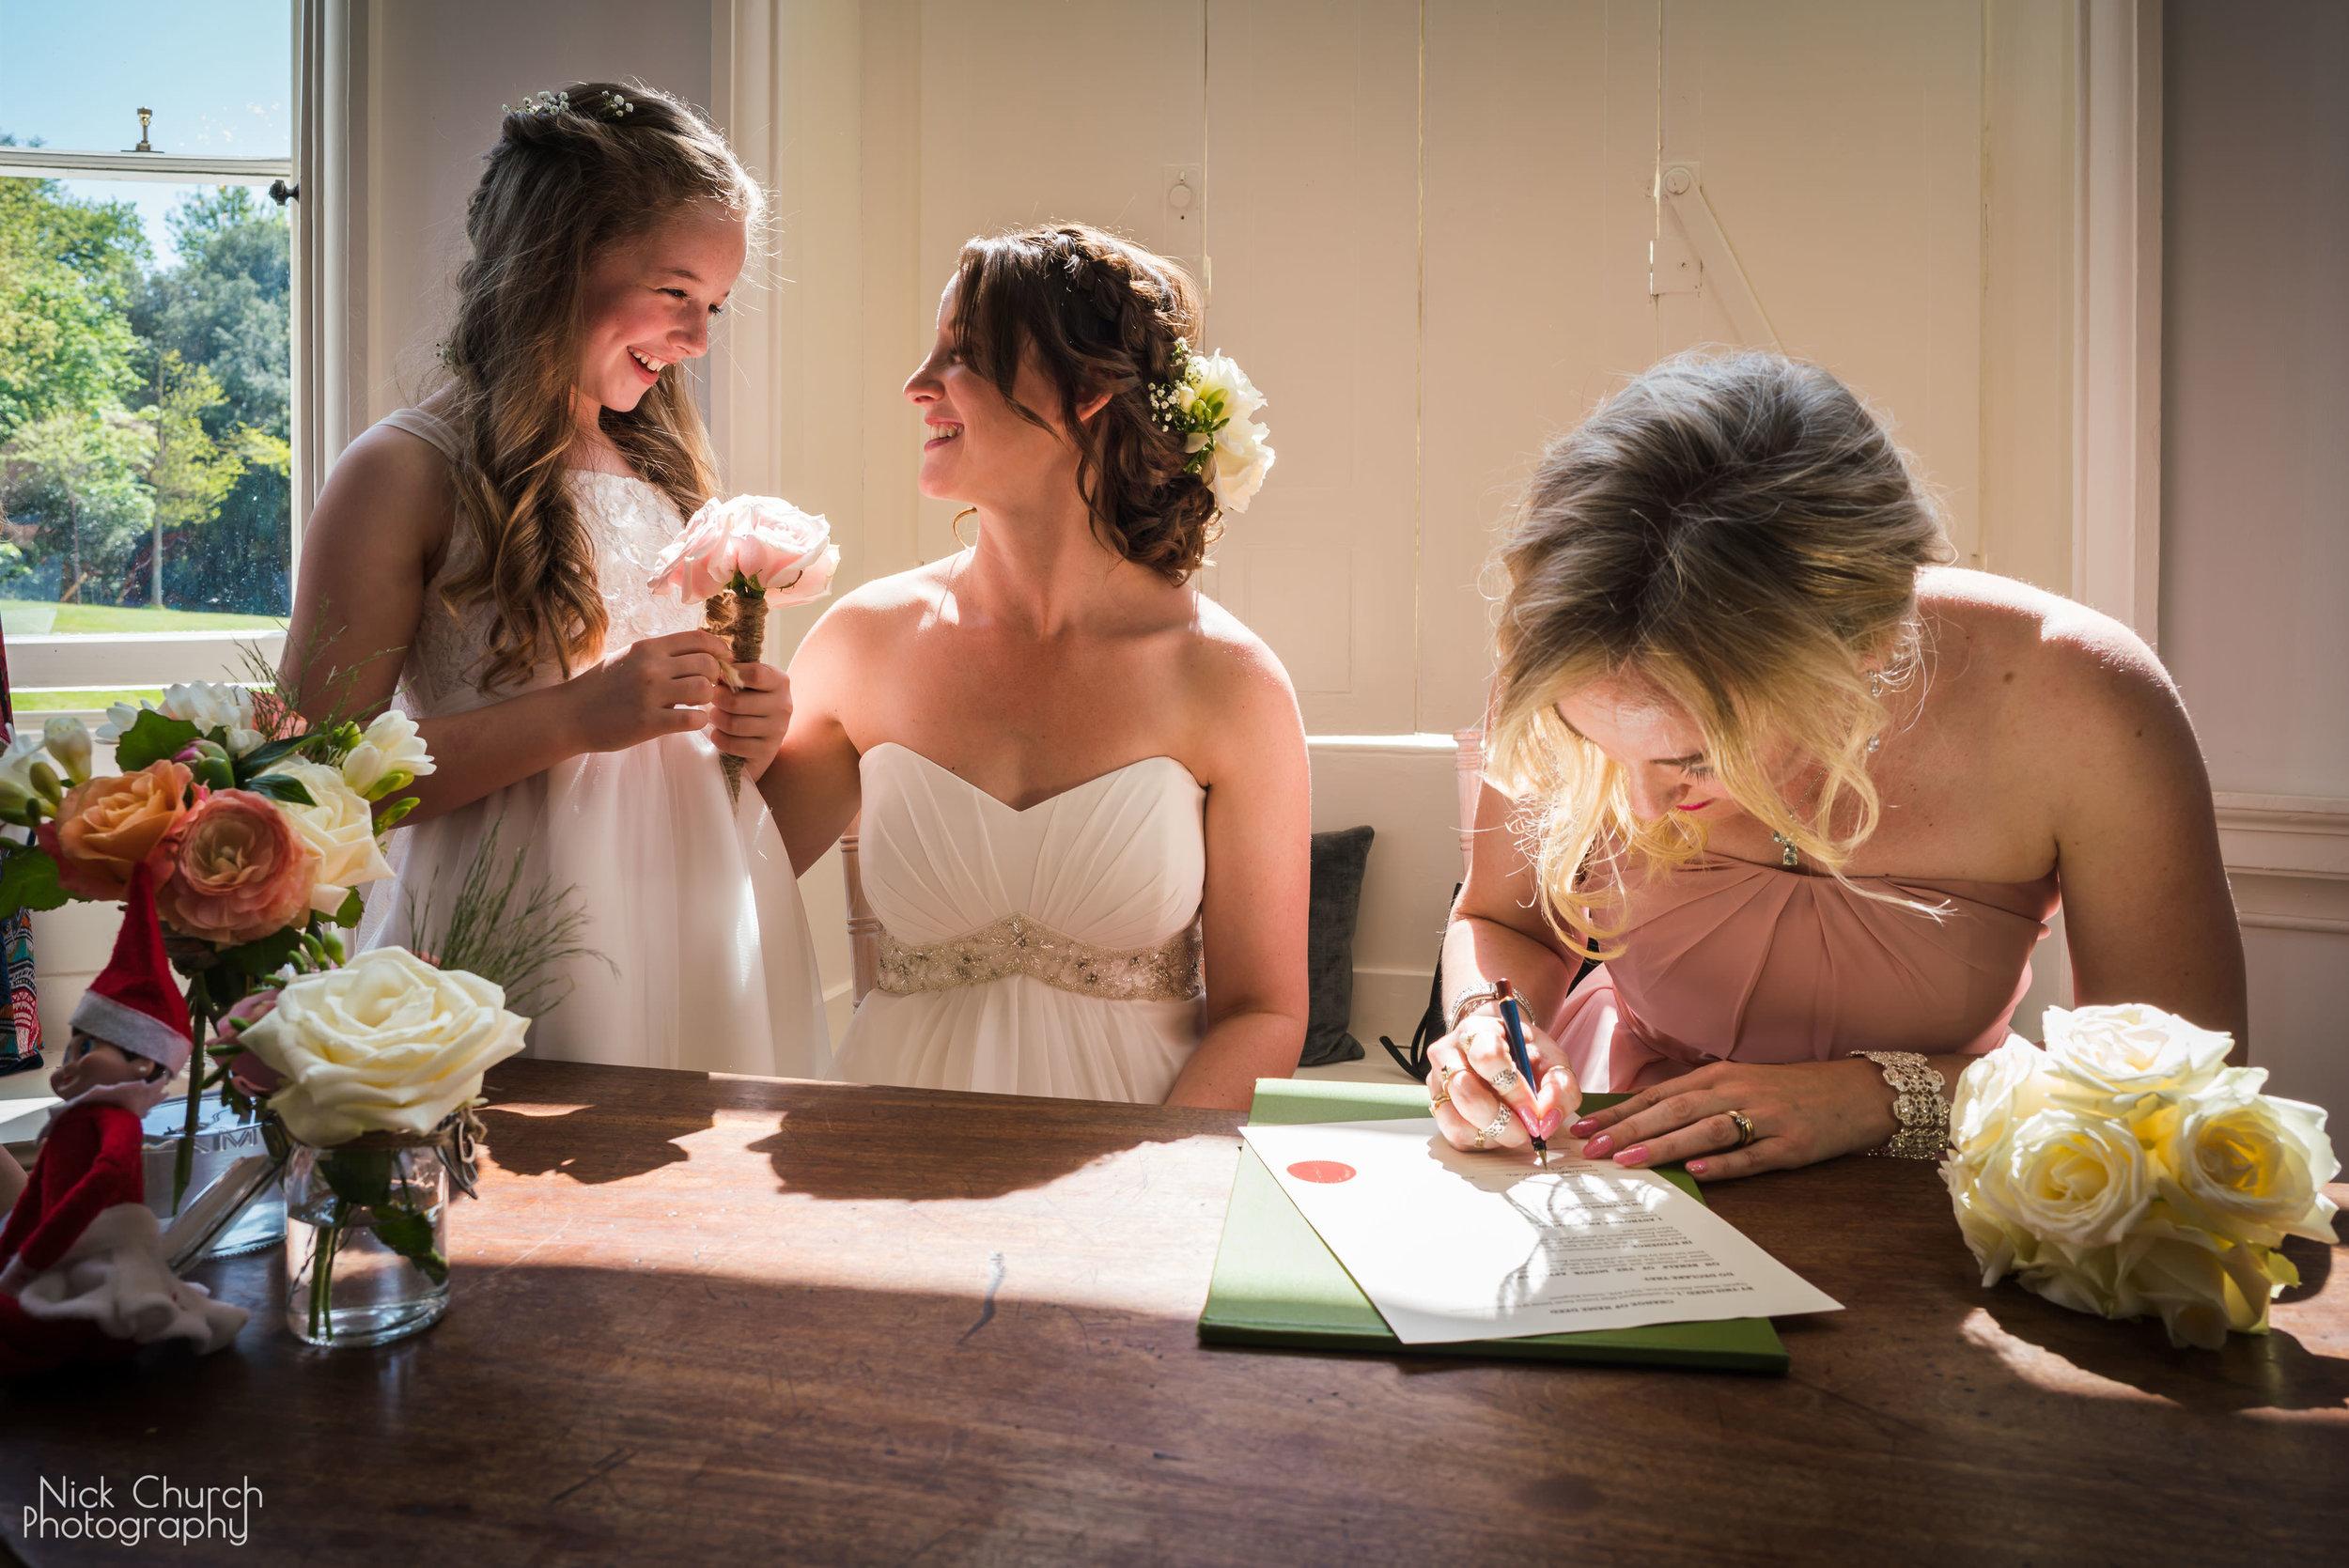 NC-2018-05-07-joanna-and-steve-wedding-3274.jpg